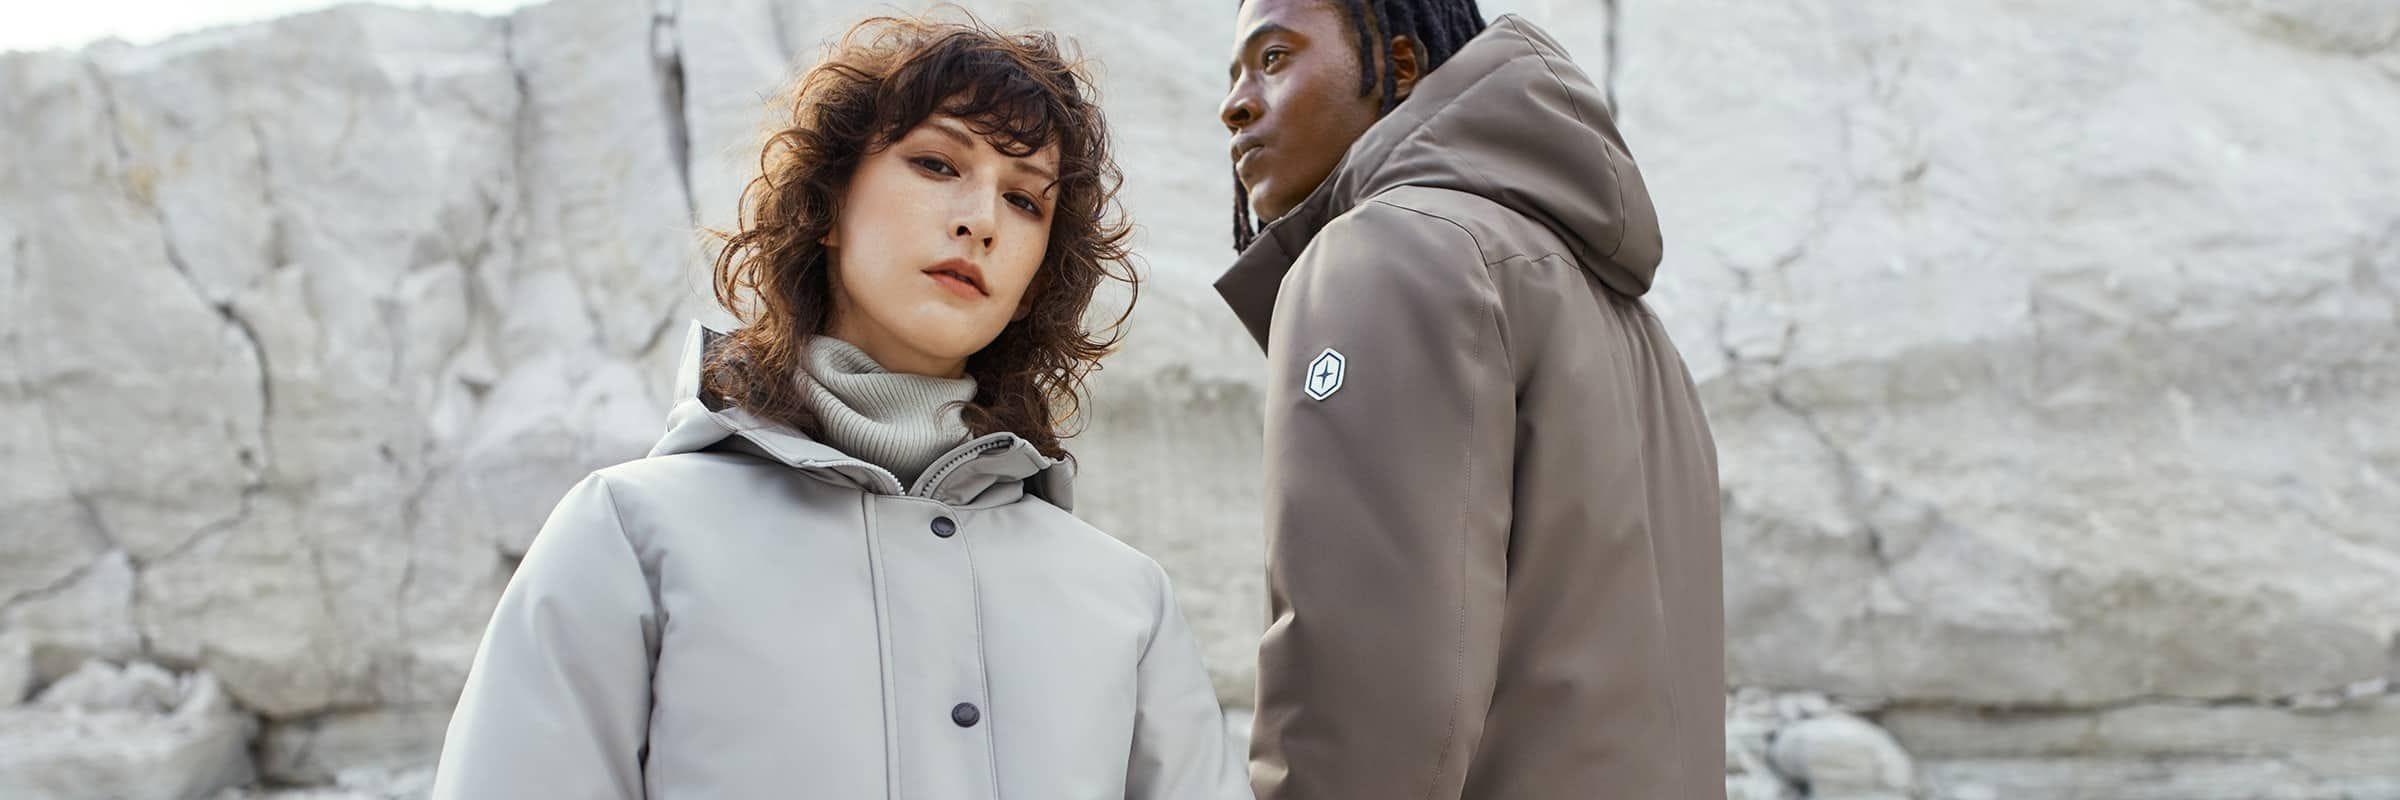 8 marques canadiennes de manteaux d'hiver | Altitude Blog